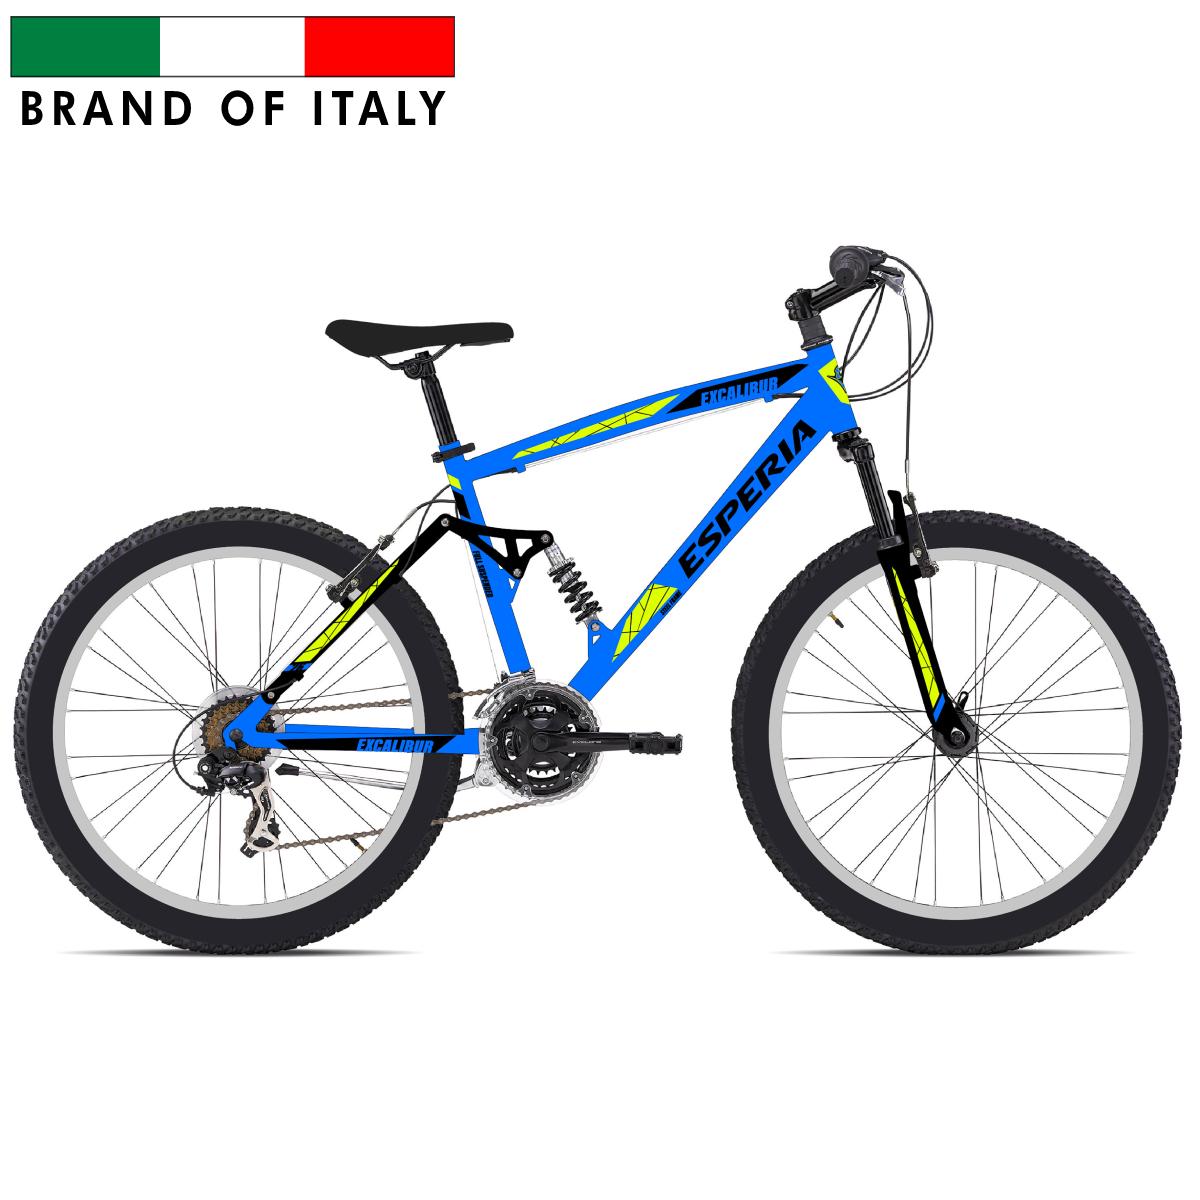 ESPERIA FULL 26 21V TX35 BLUE 203900B Pilsētas velosipēds